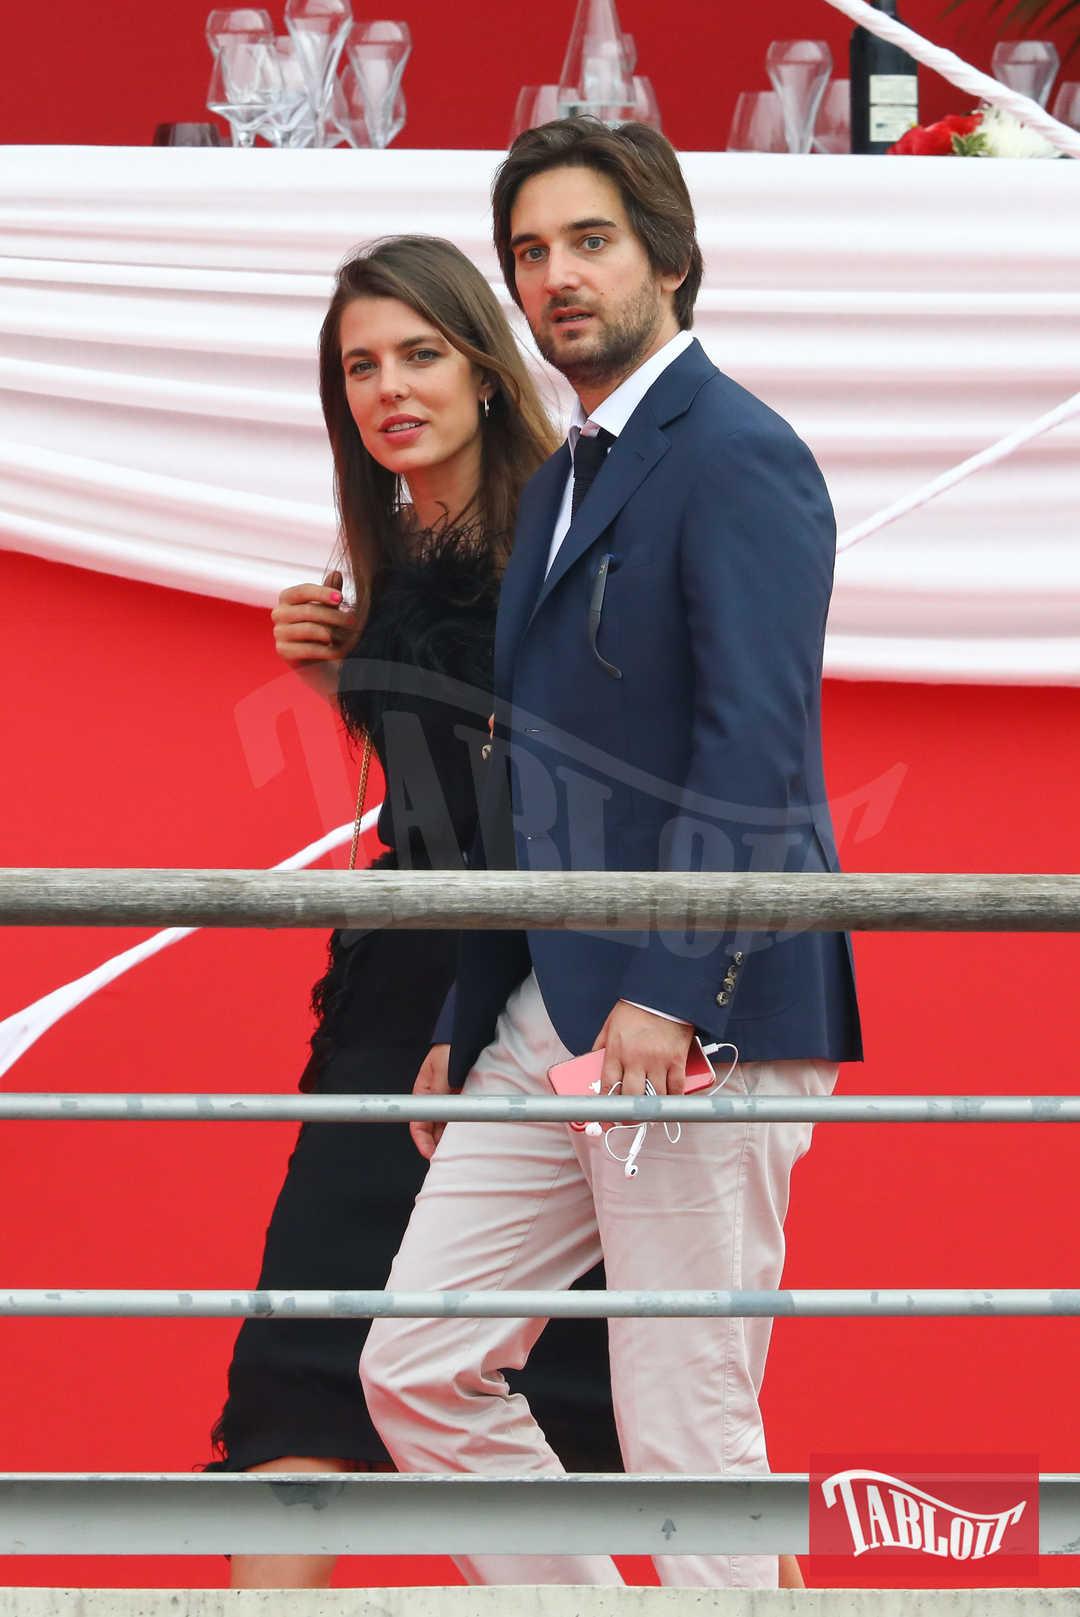 """Charlotte e Dimitri lo scorso giugno a Monaco, in occasione del """"Grand Prix du Prince de Monaco"""" evento clou del concorso ippico Longines Global Champions Tour"""